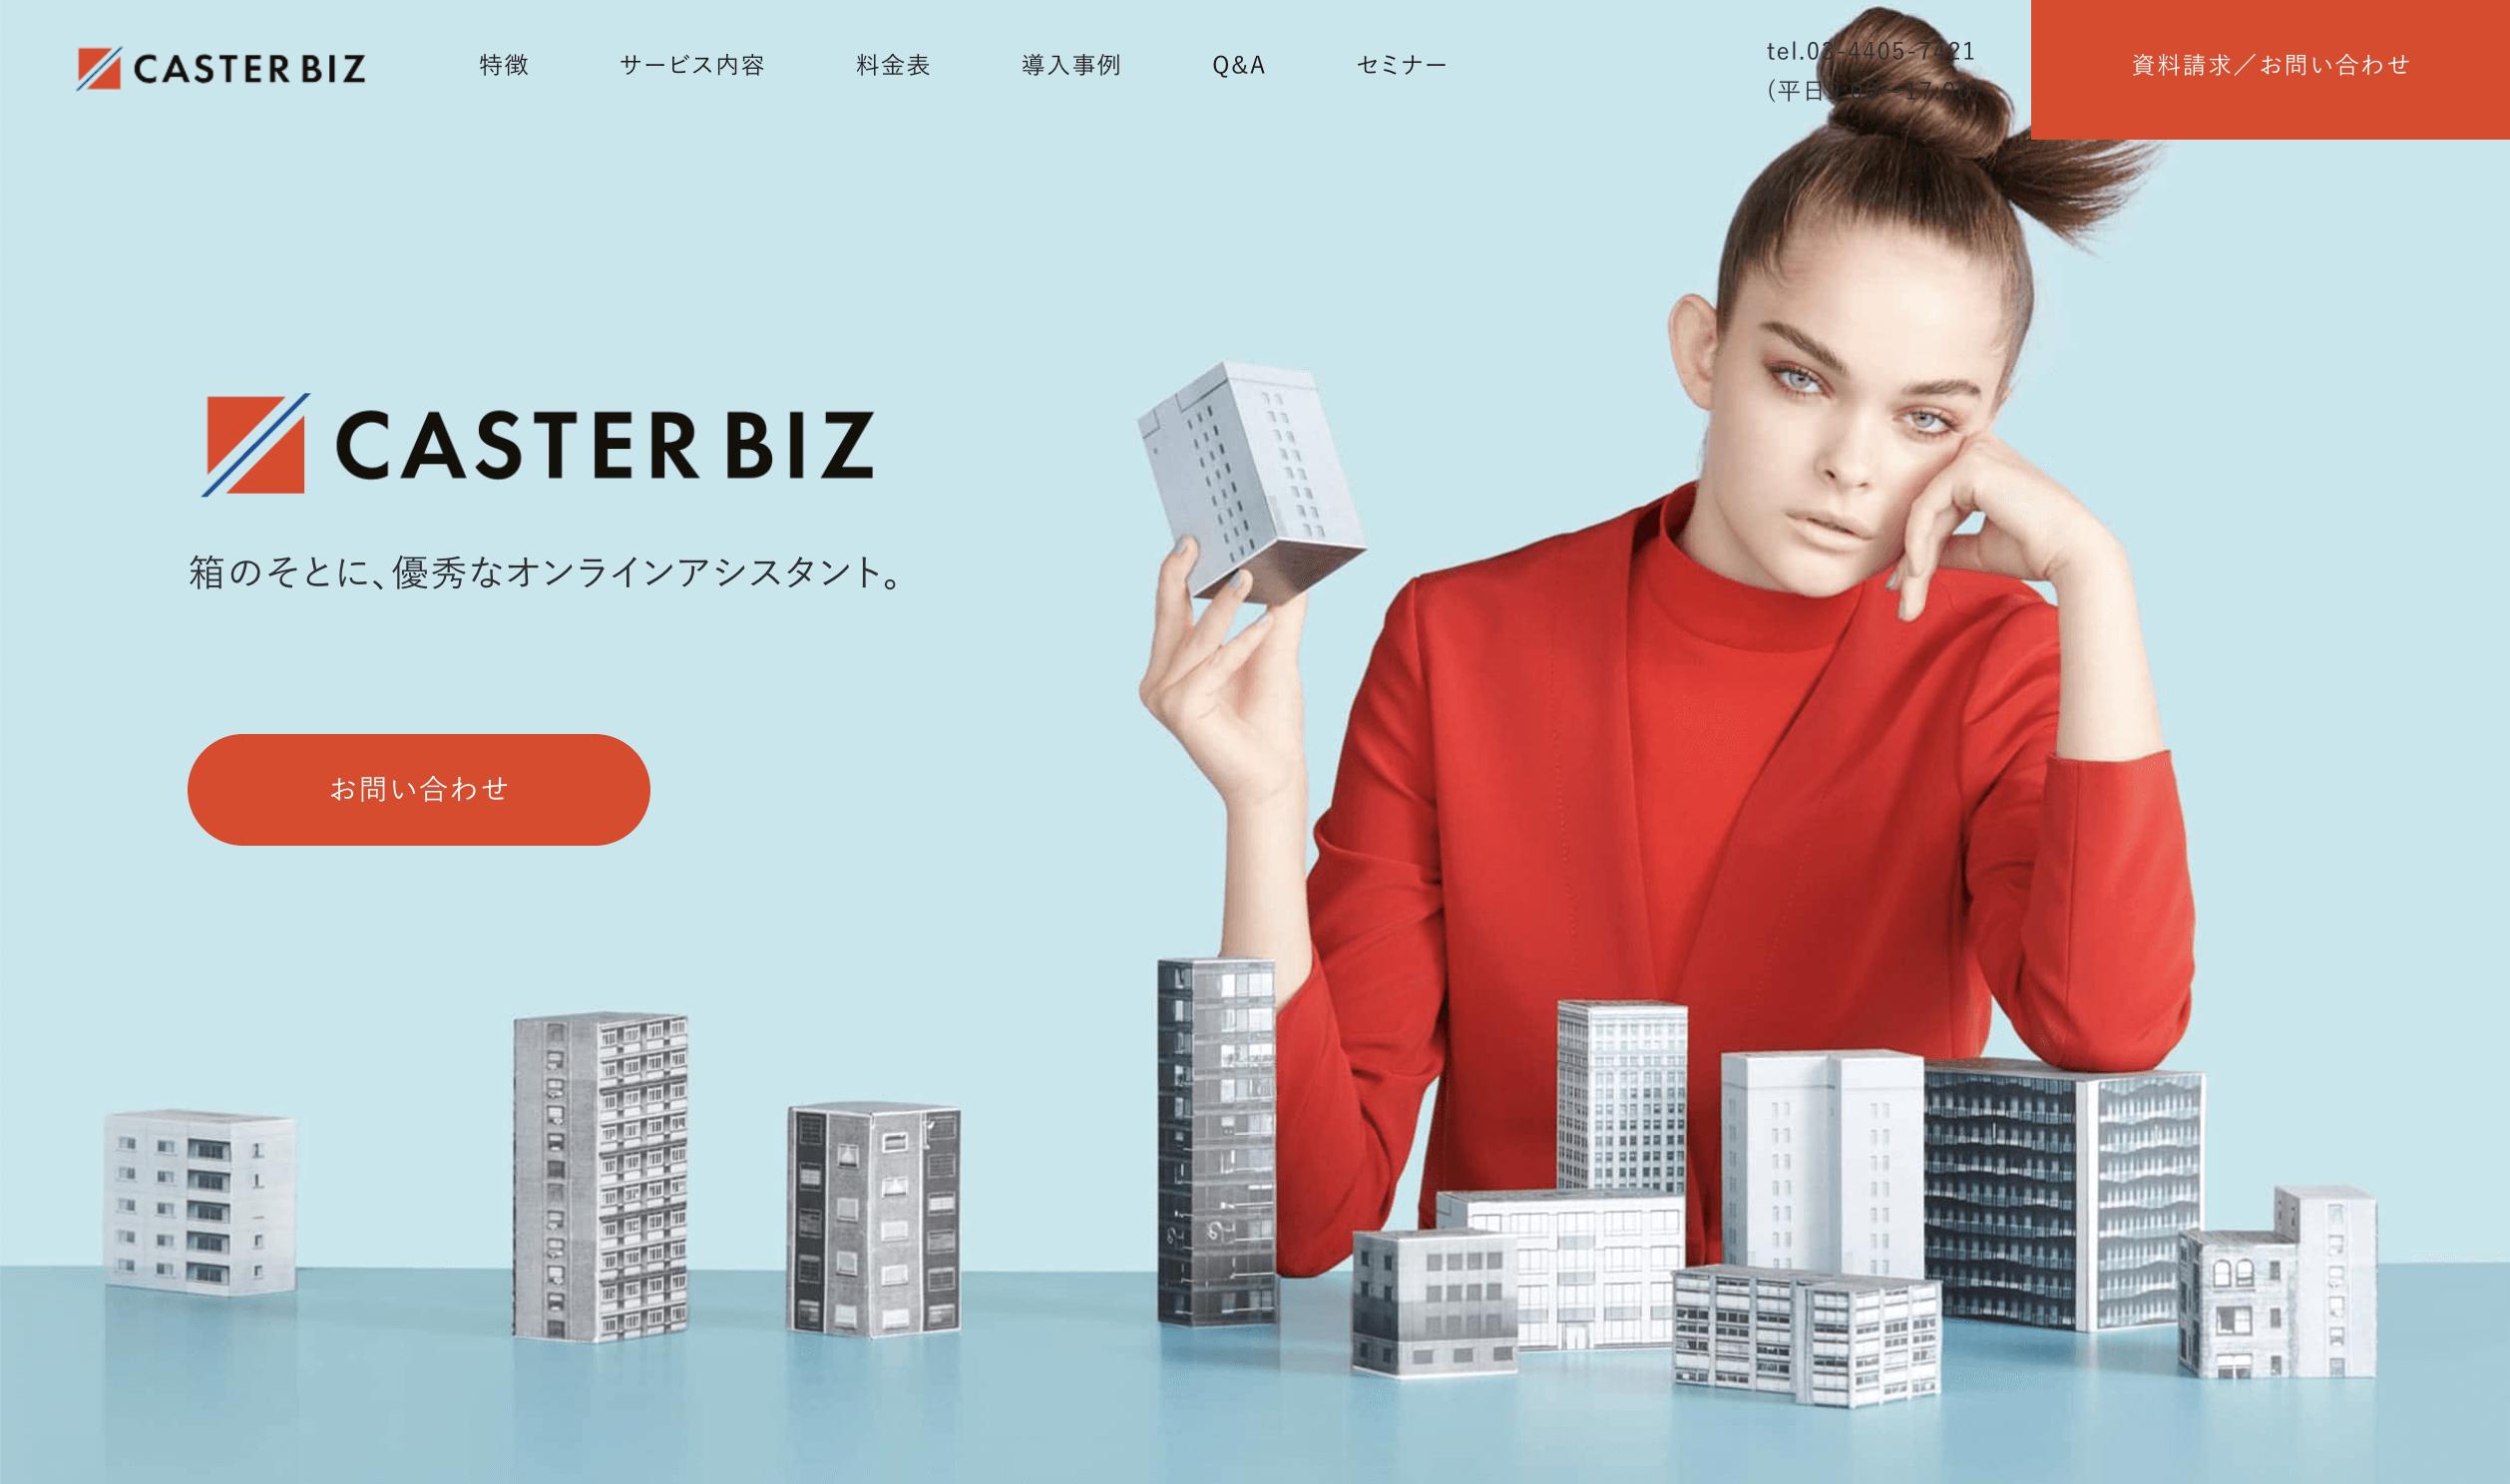 オンライン秘書(CASTER BIZ)の公式ページ